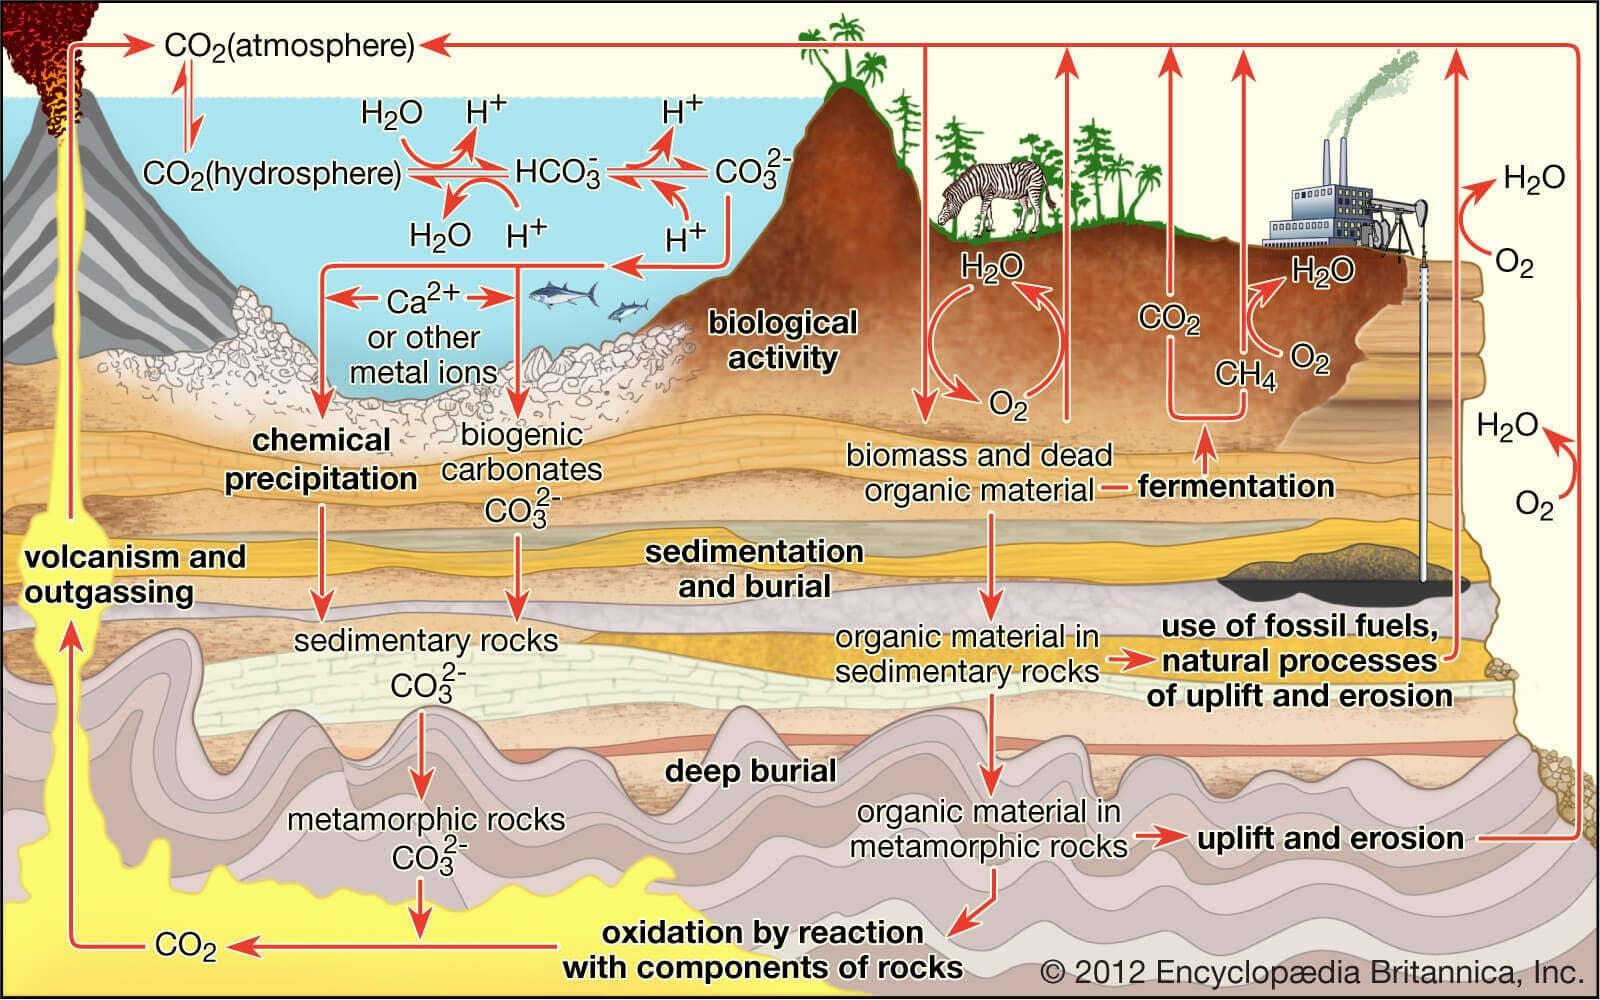 Siklus karbondioksida